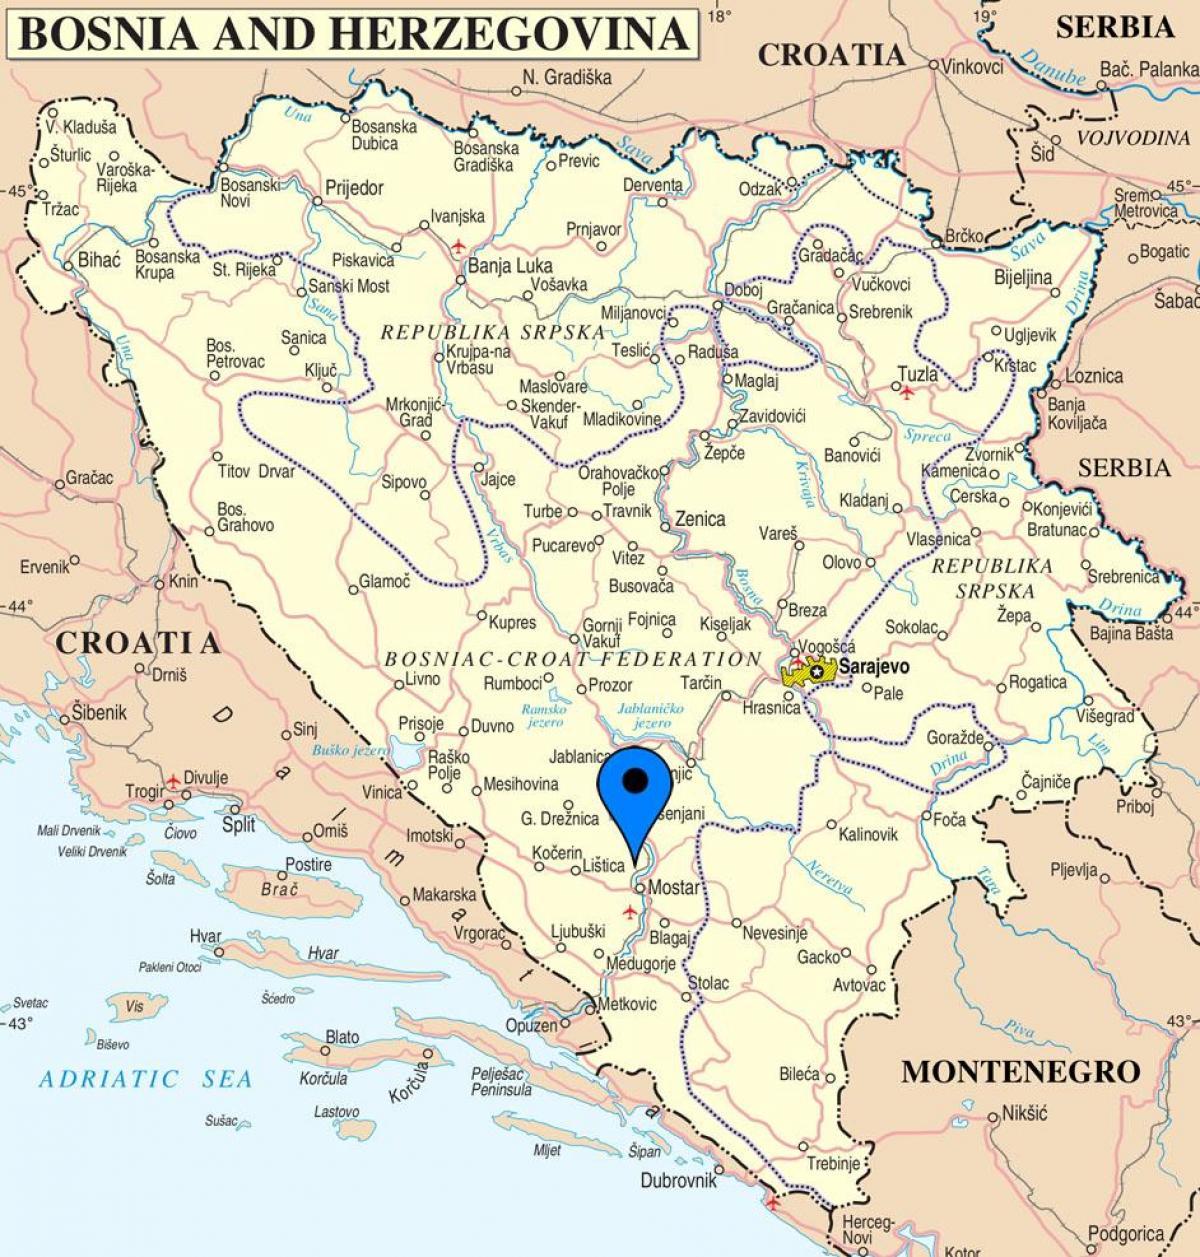 Karta Bosnien Och Hercegovina.Mostar I Bosnien Karta Karta Over Mostar Bosnien Och Hercegovina